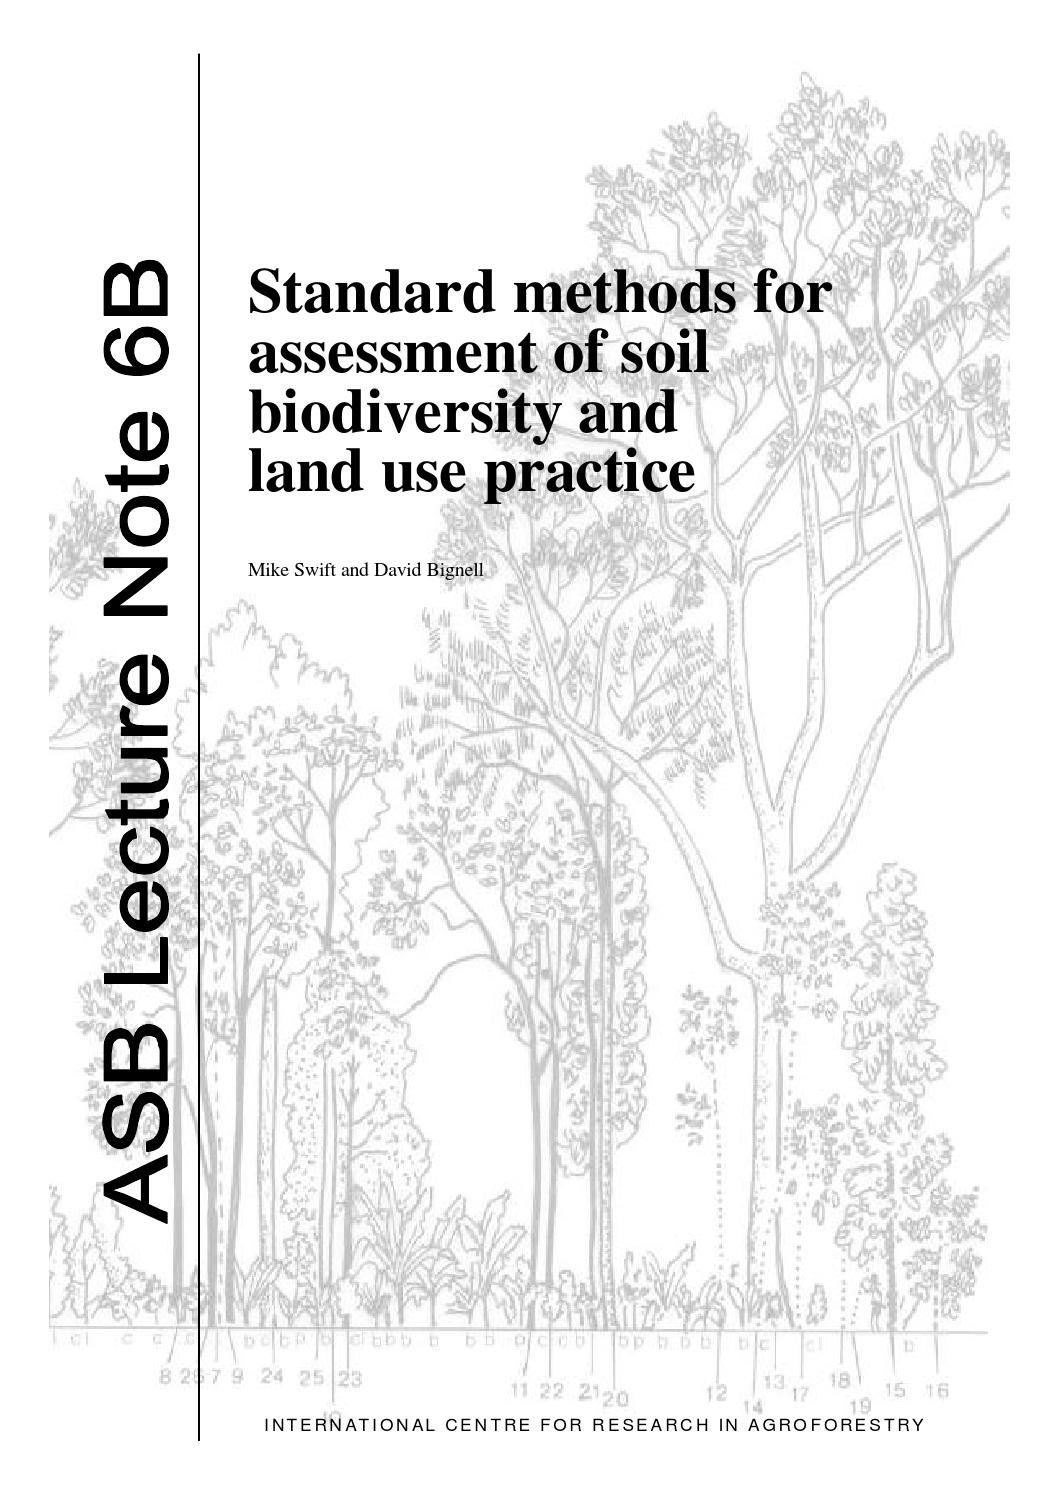 Los métodos estándar para evaluación de suelos la